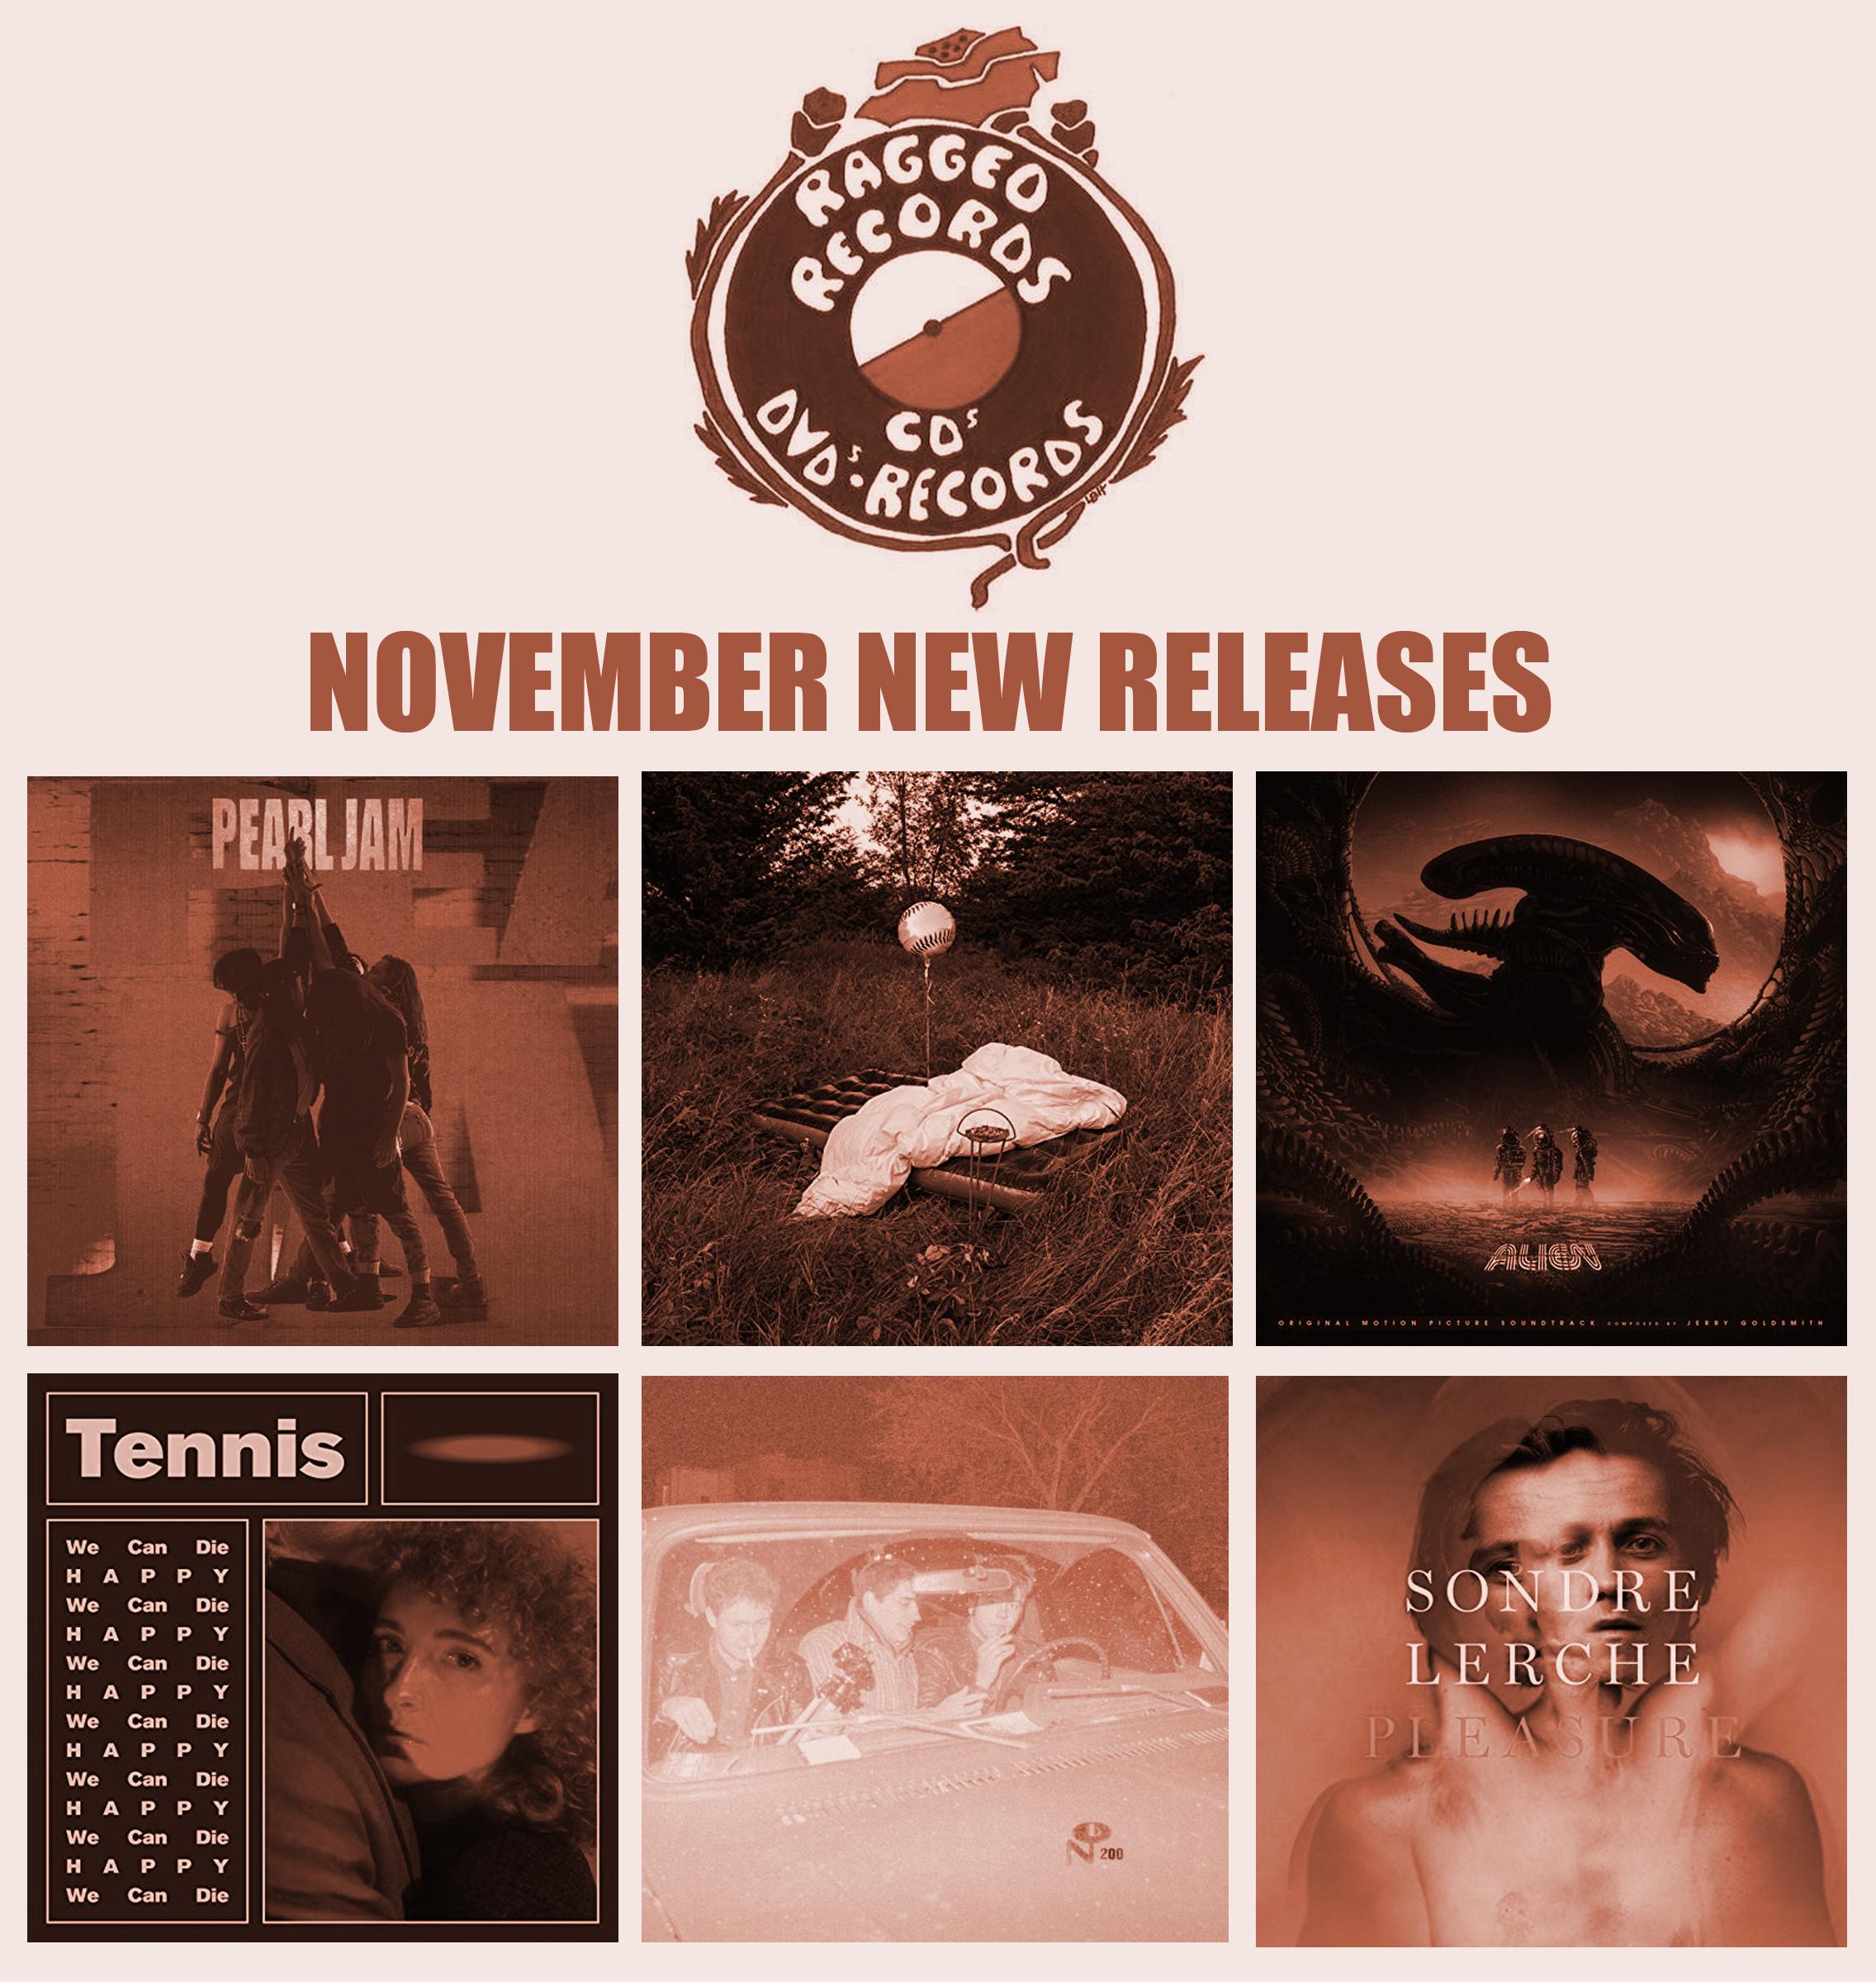 November New Releases Red.jpg